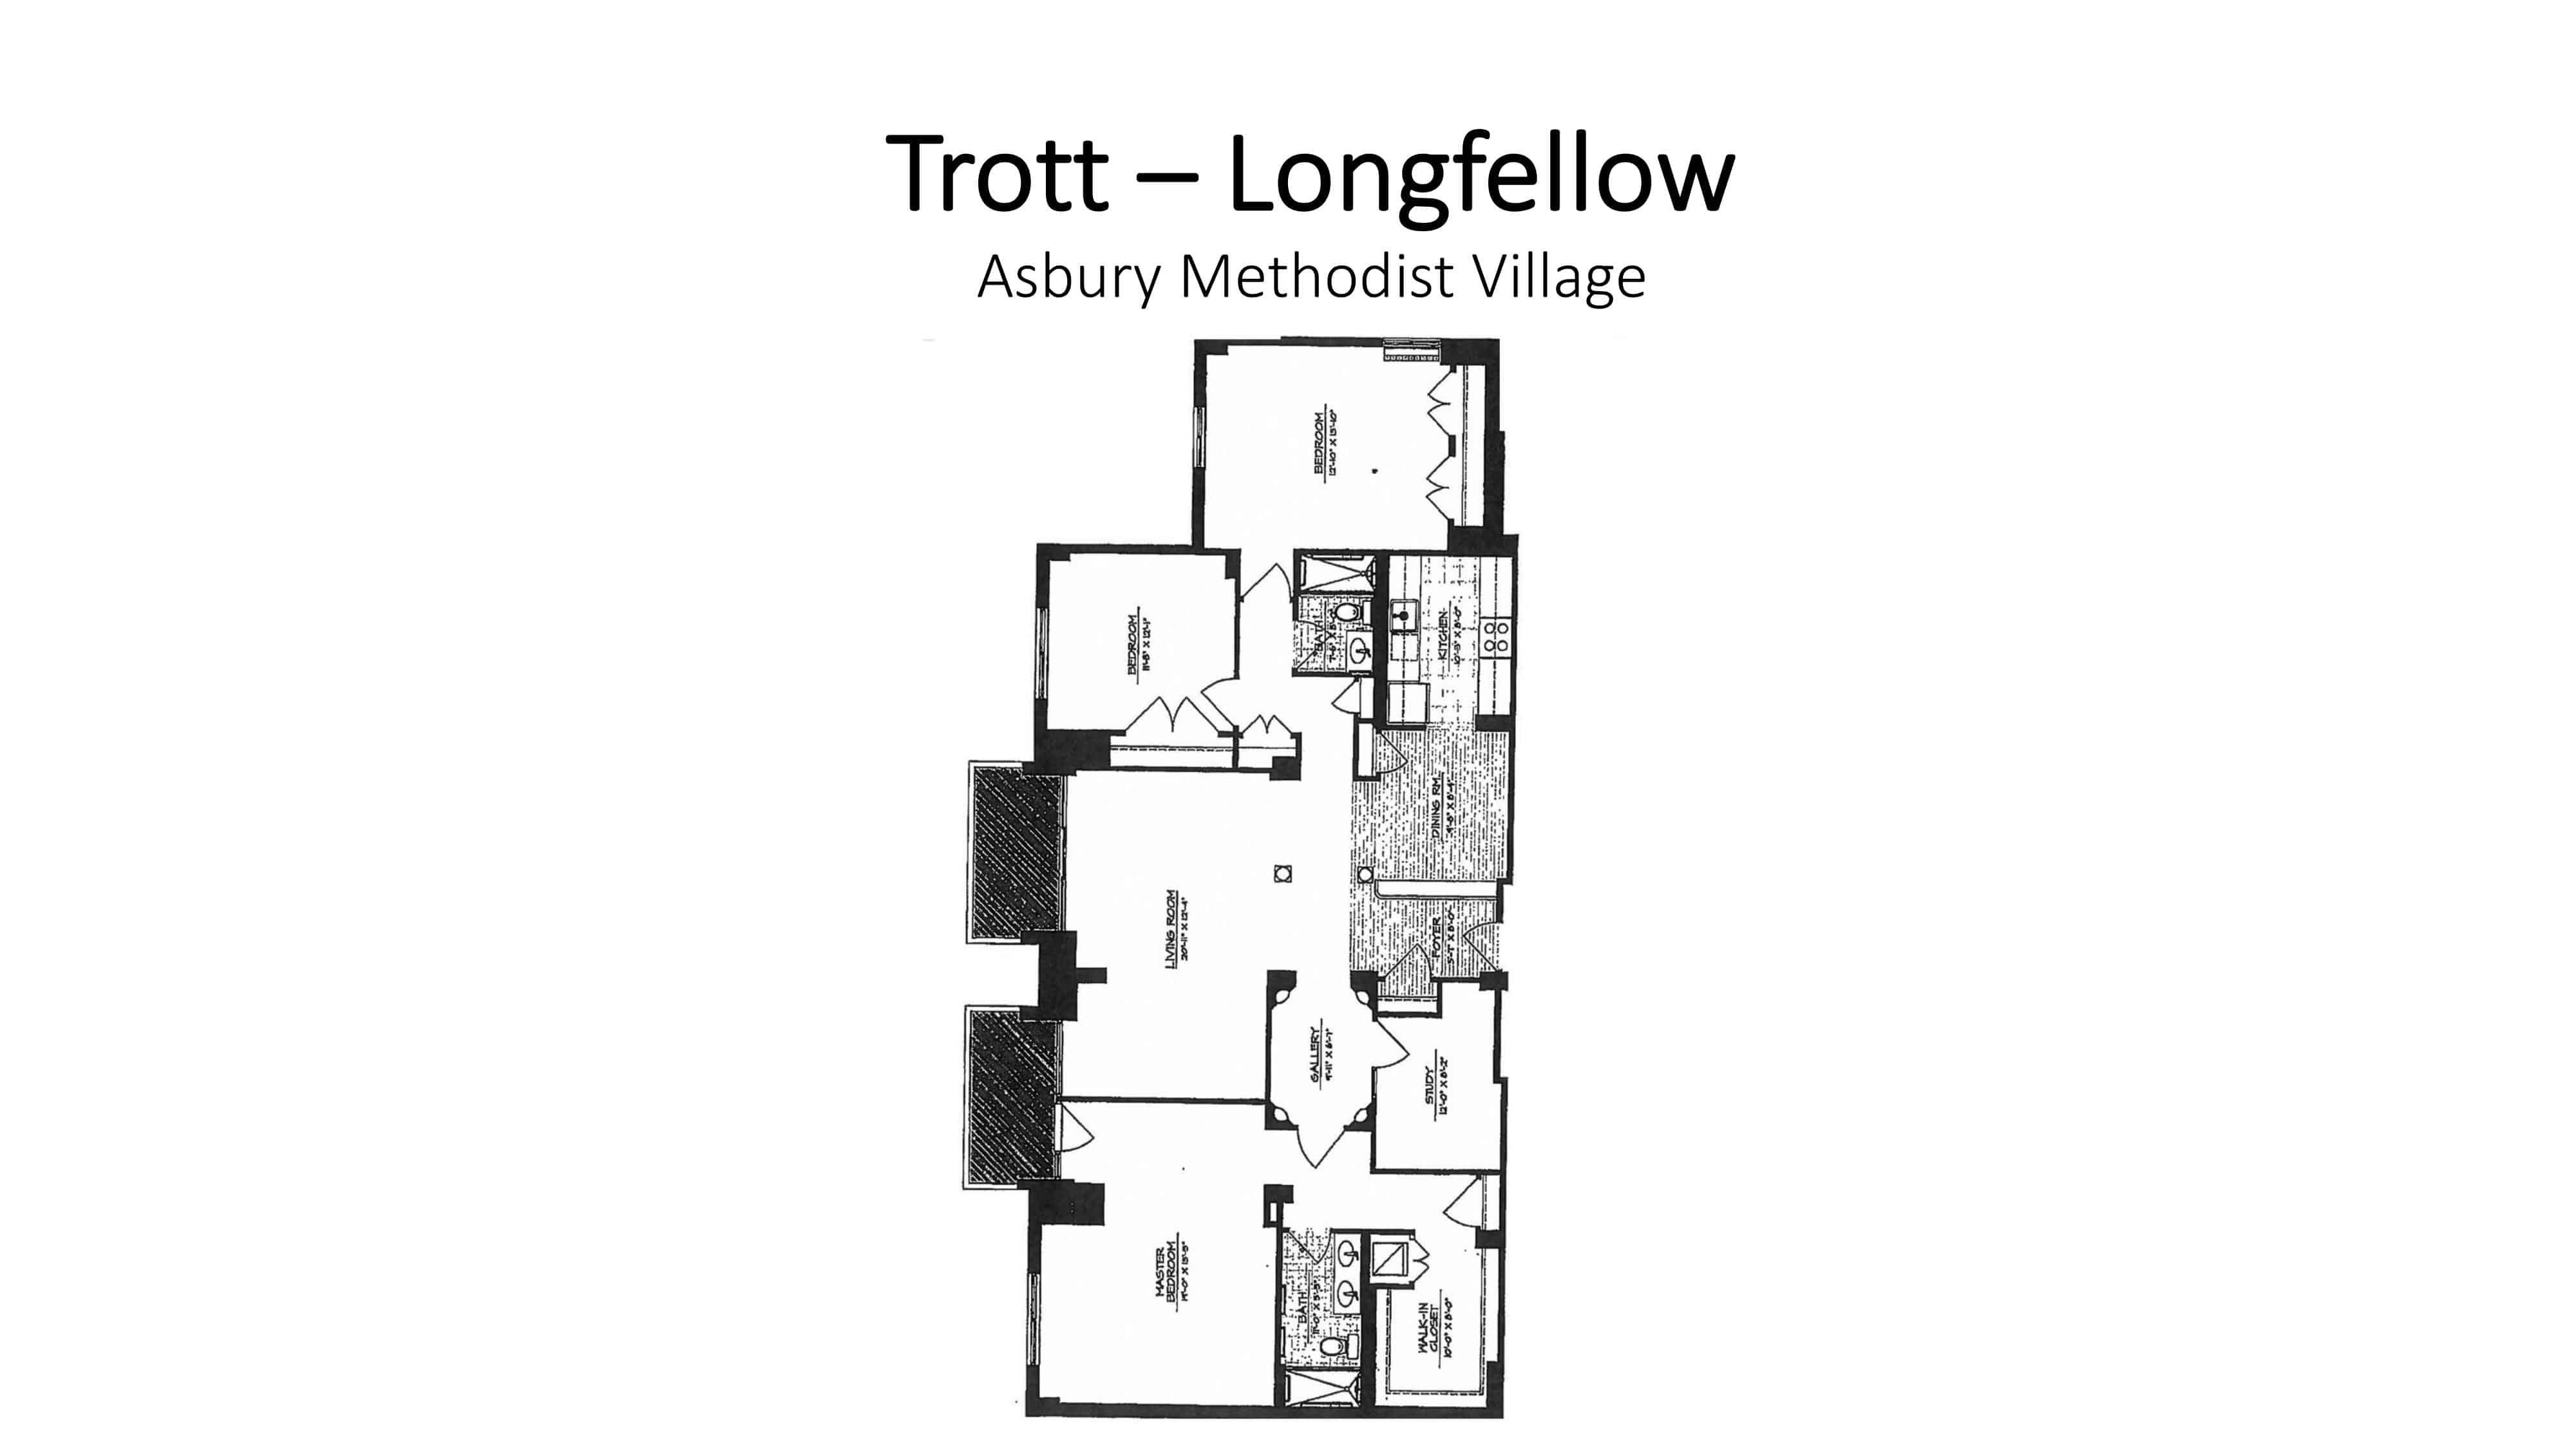 AMV Trott - Longfellow